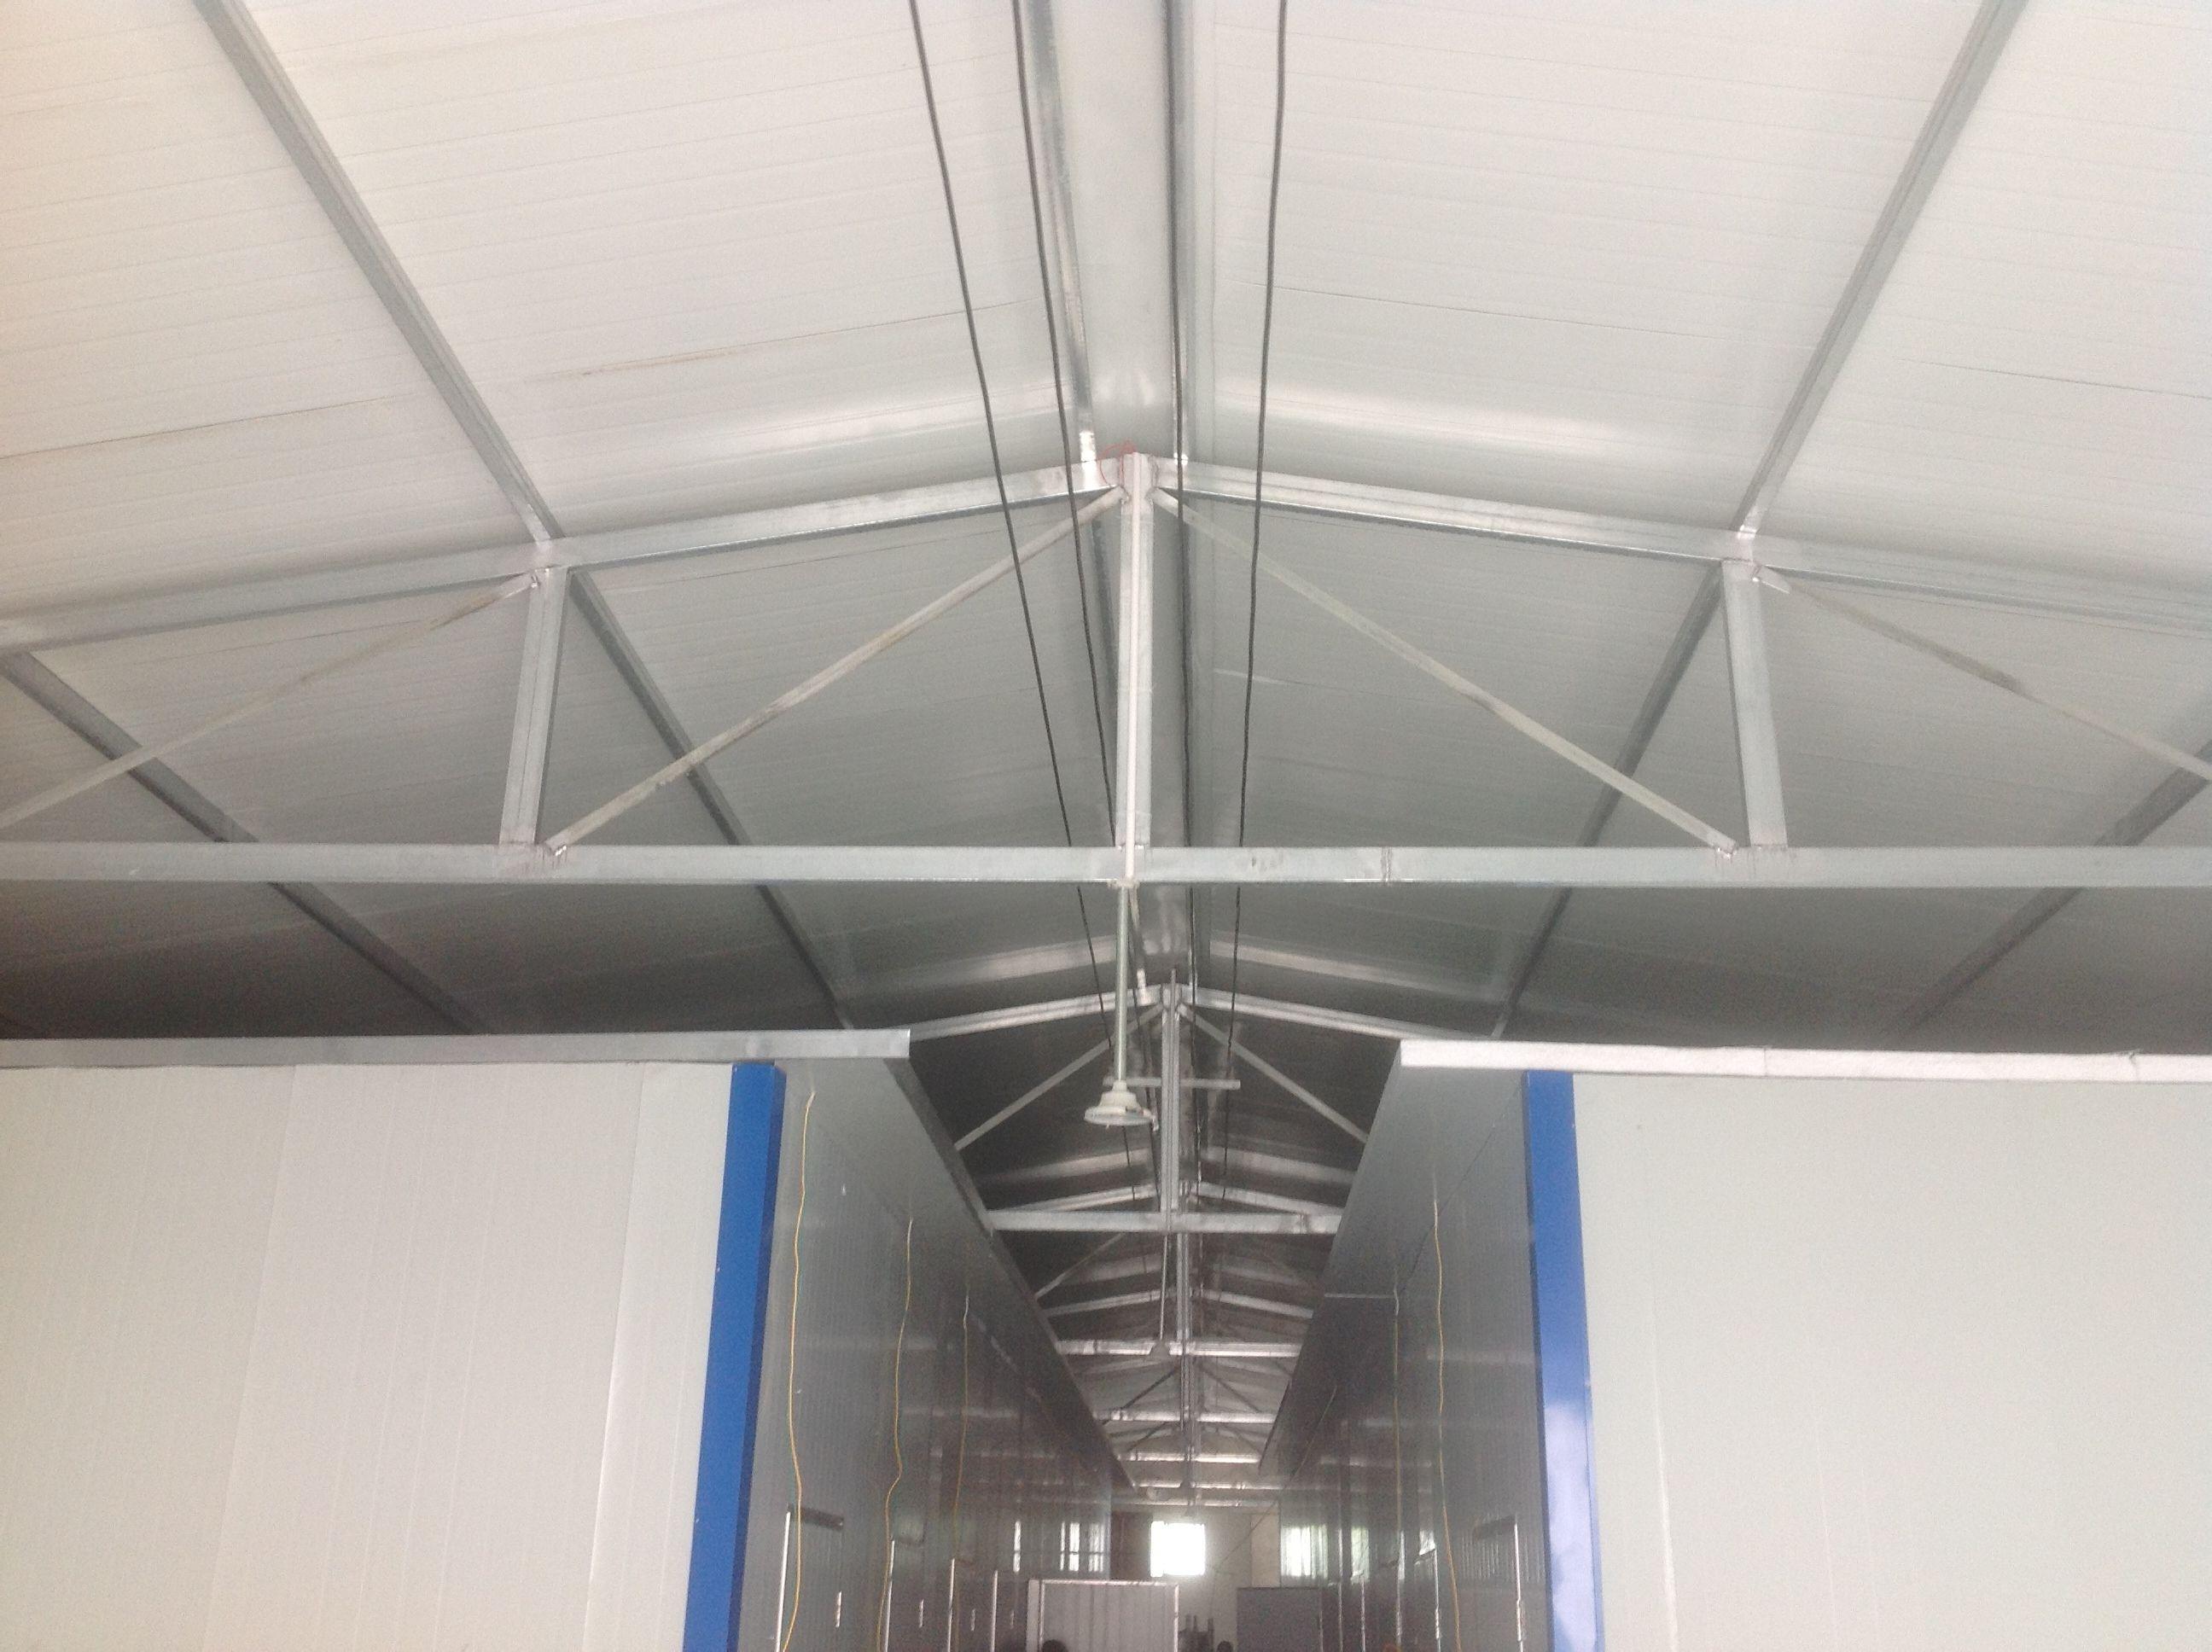 大家好   我建的11米跨度的彩钢瓦厂房,大梁是4乘8的方管   厚度是图片